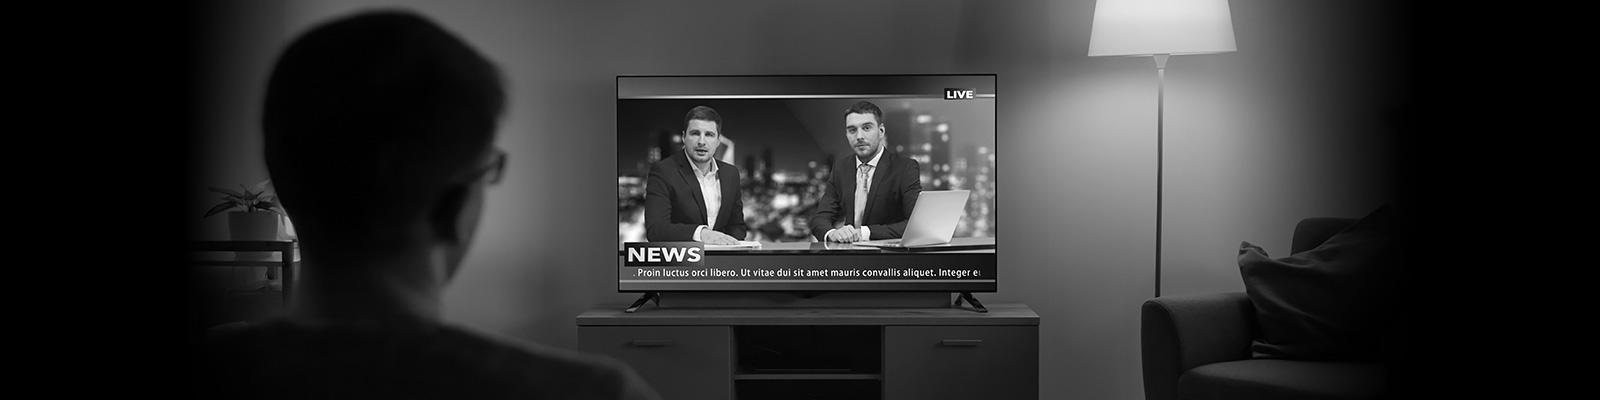 テレビ ニュース 視聴 イメージ